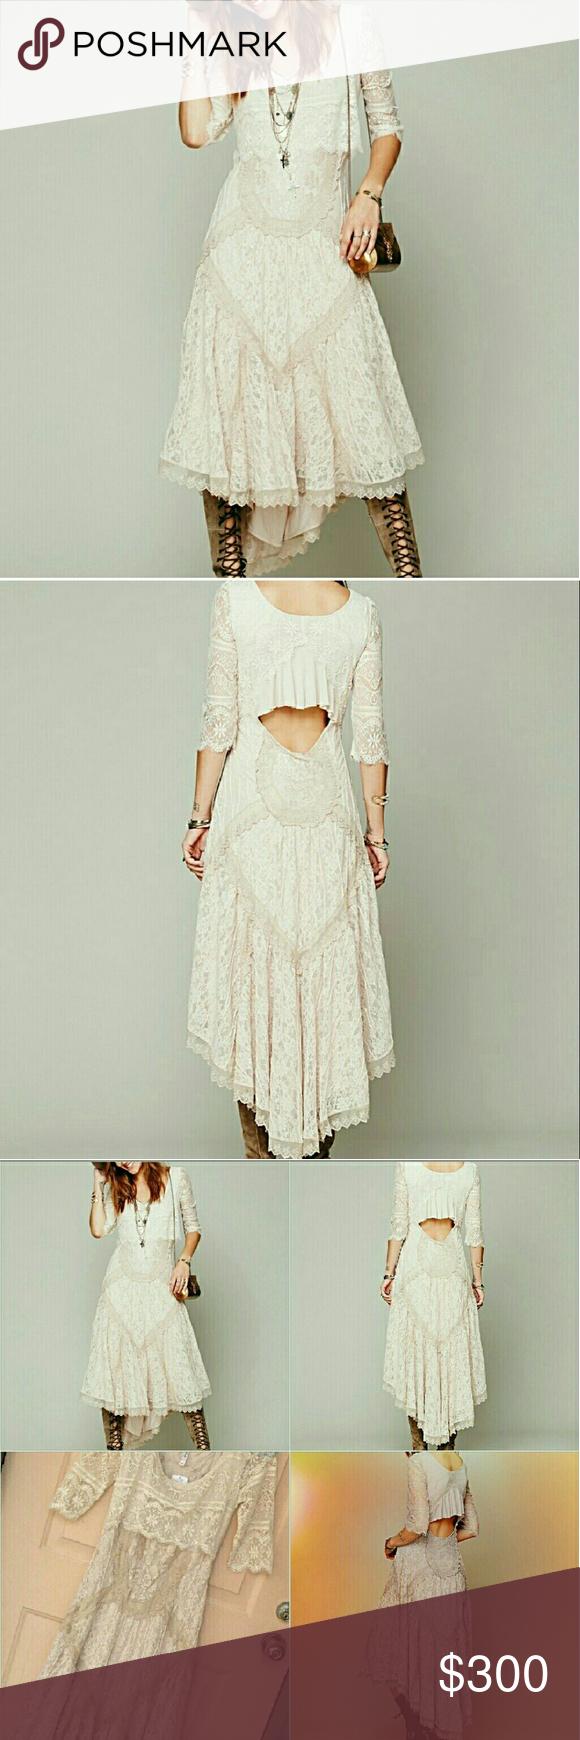 Free people calamity jane wedding dress free people lace dress